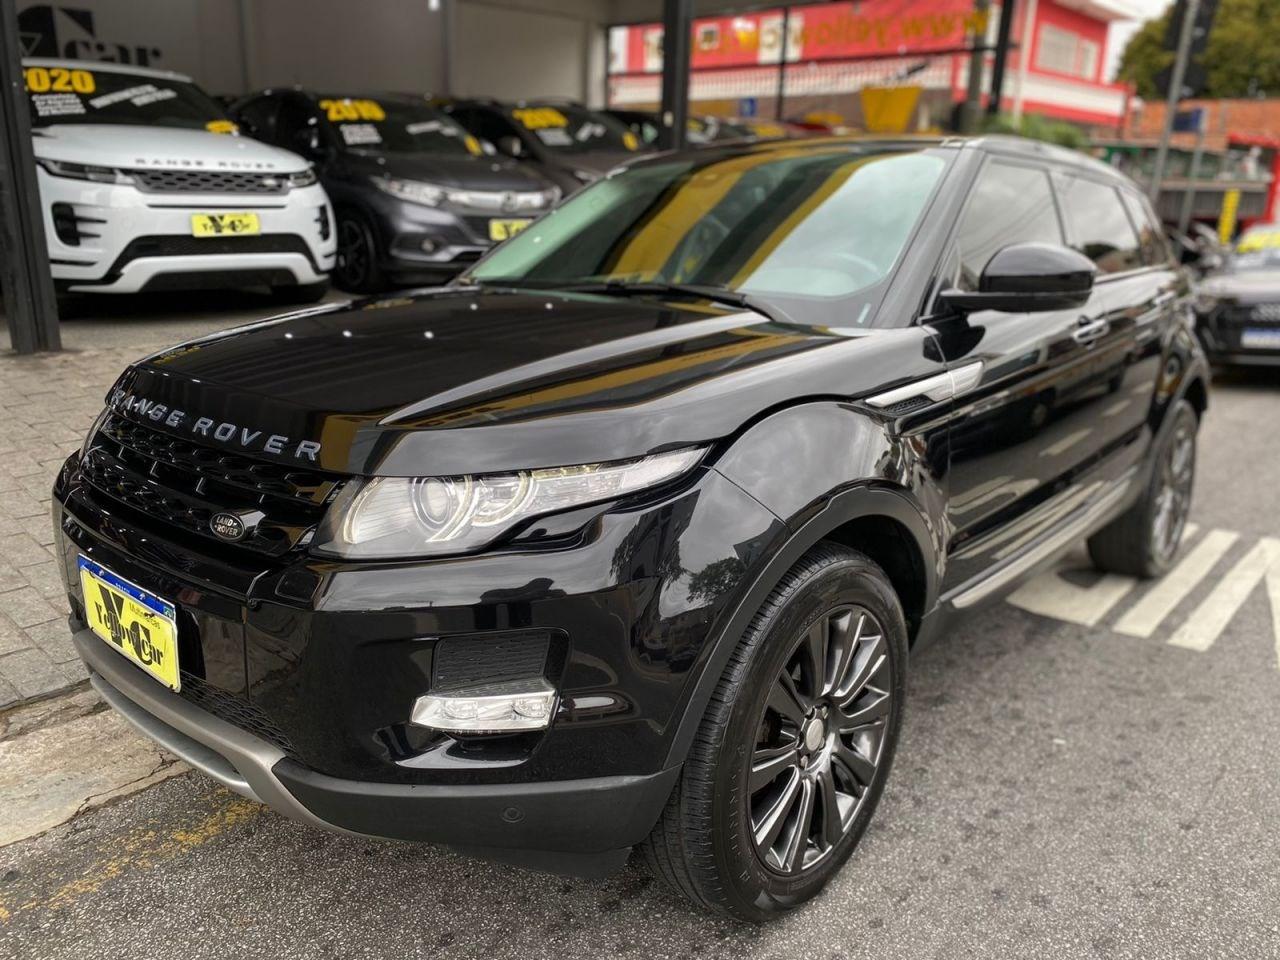 //www.autoline.com.br/carro/land-rover/range-rover-evoque-22-prestige-16v-diesel-4p-4x4-turbo-automatic/2015/sao-paulo-sp/15693480